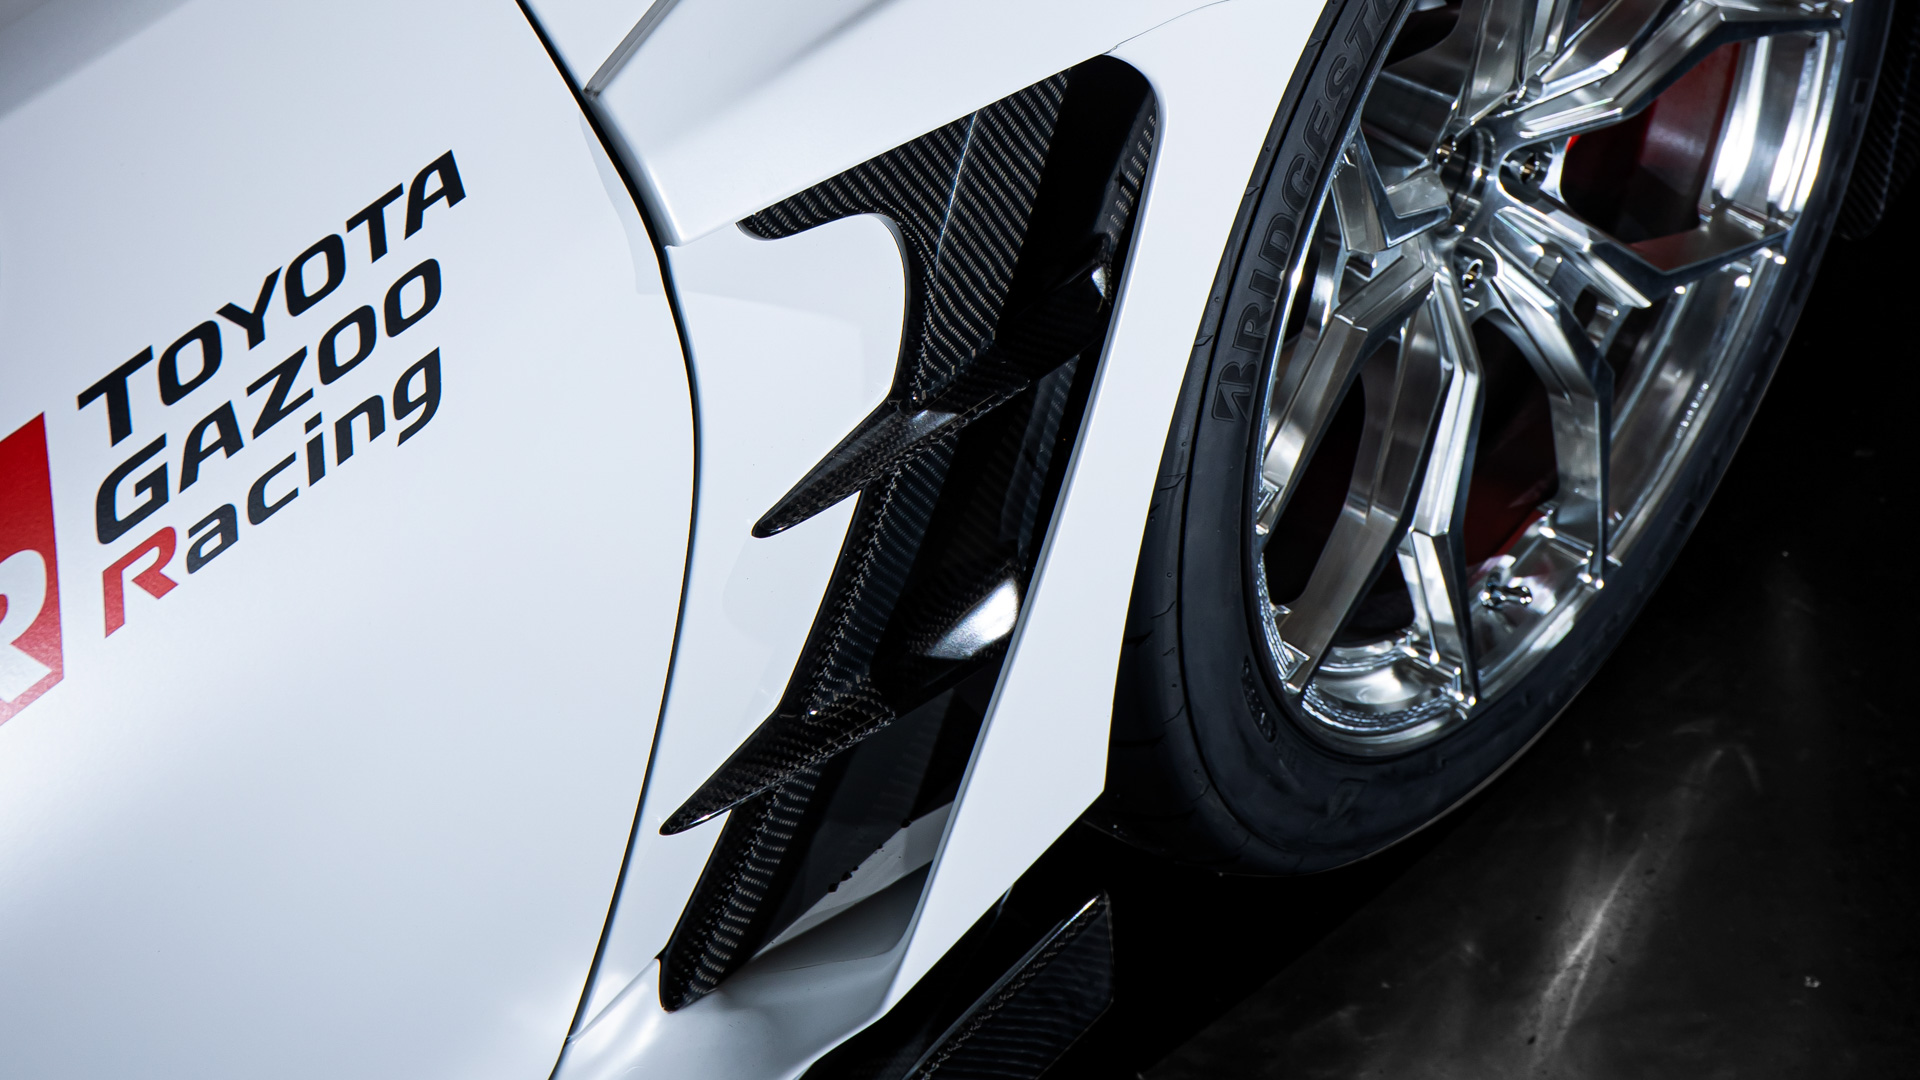 【オーバーフェンダー】片側43mm拡幅し幅広タイヤに対応。ホイールアーチ上方のエアアウトレットはホイールハウス内の空気を排出しダウンフォースの発生に寄与している。また車両にもともと装備されているエアブリーザーより大開口とし効果を向上させた